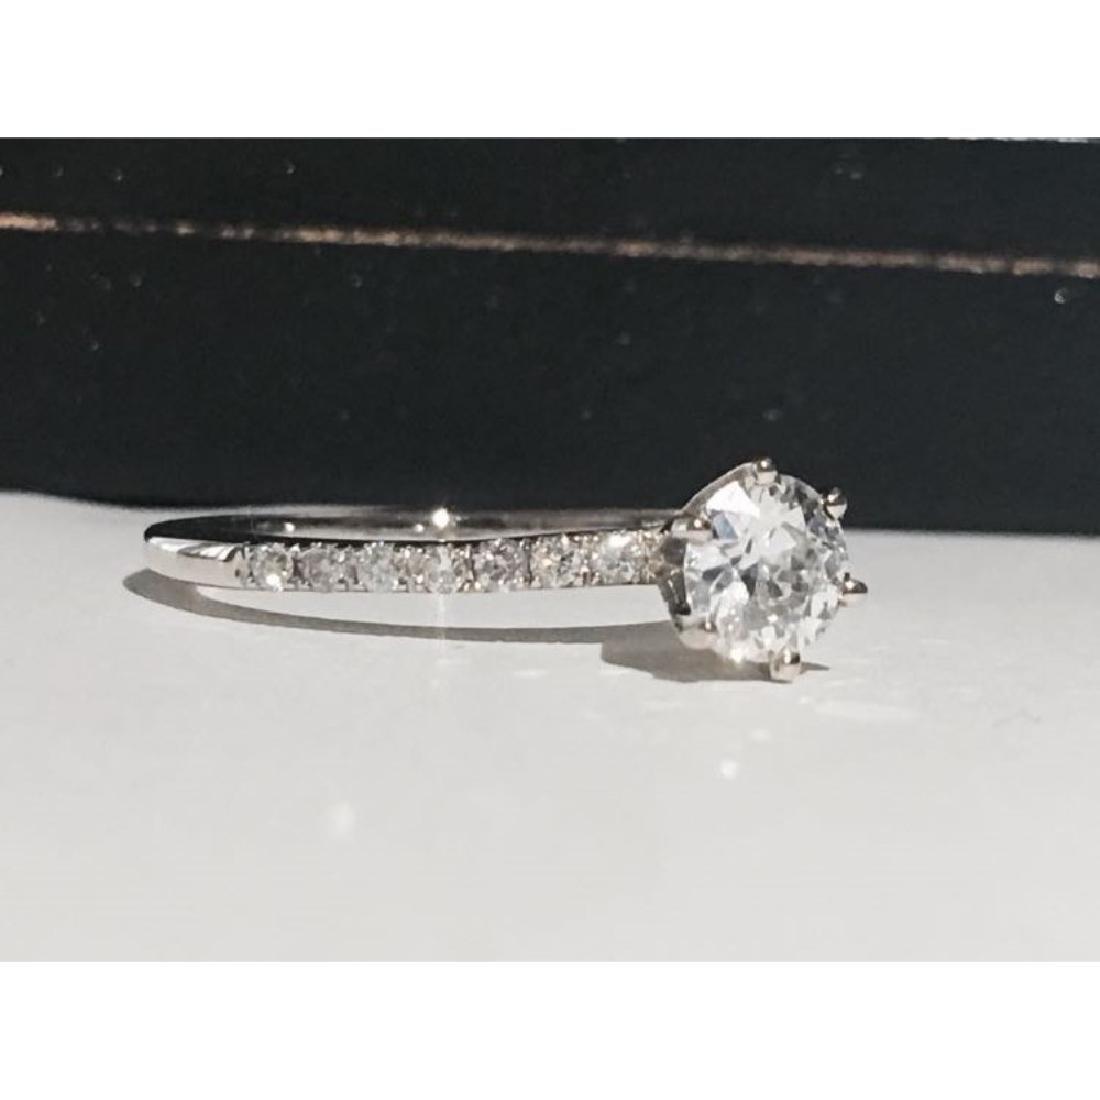 14K White Gold, 0.80CT VS/G Diamond Engagement Ring - 2